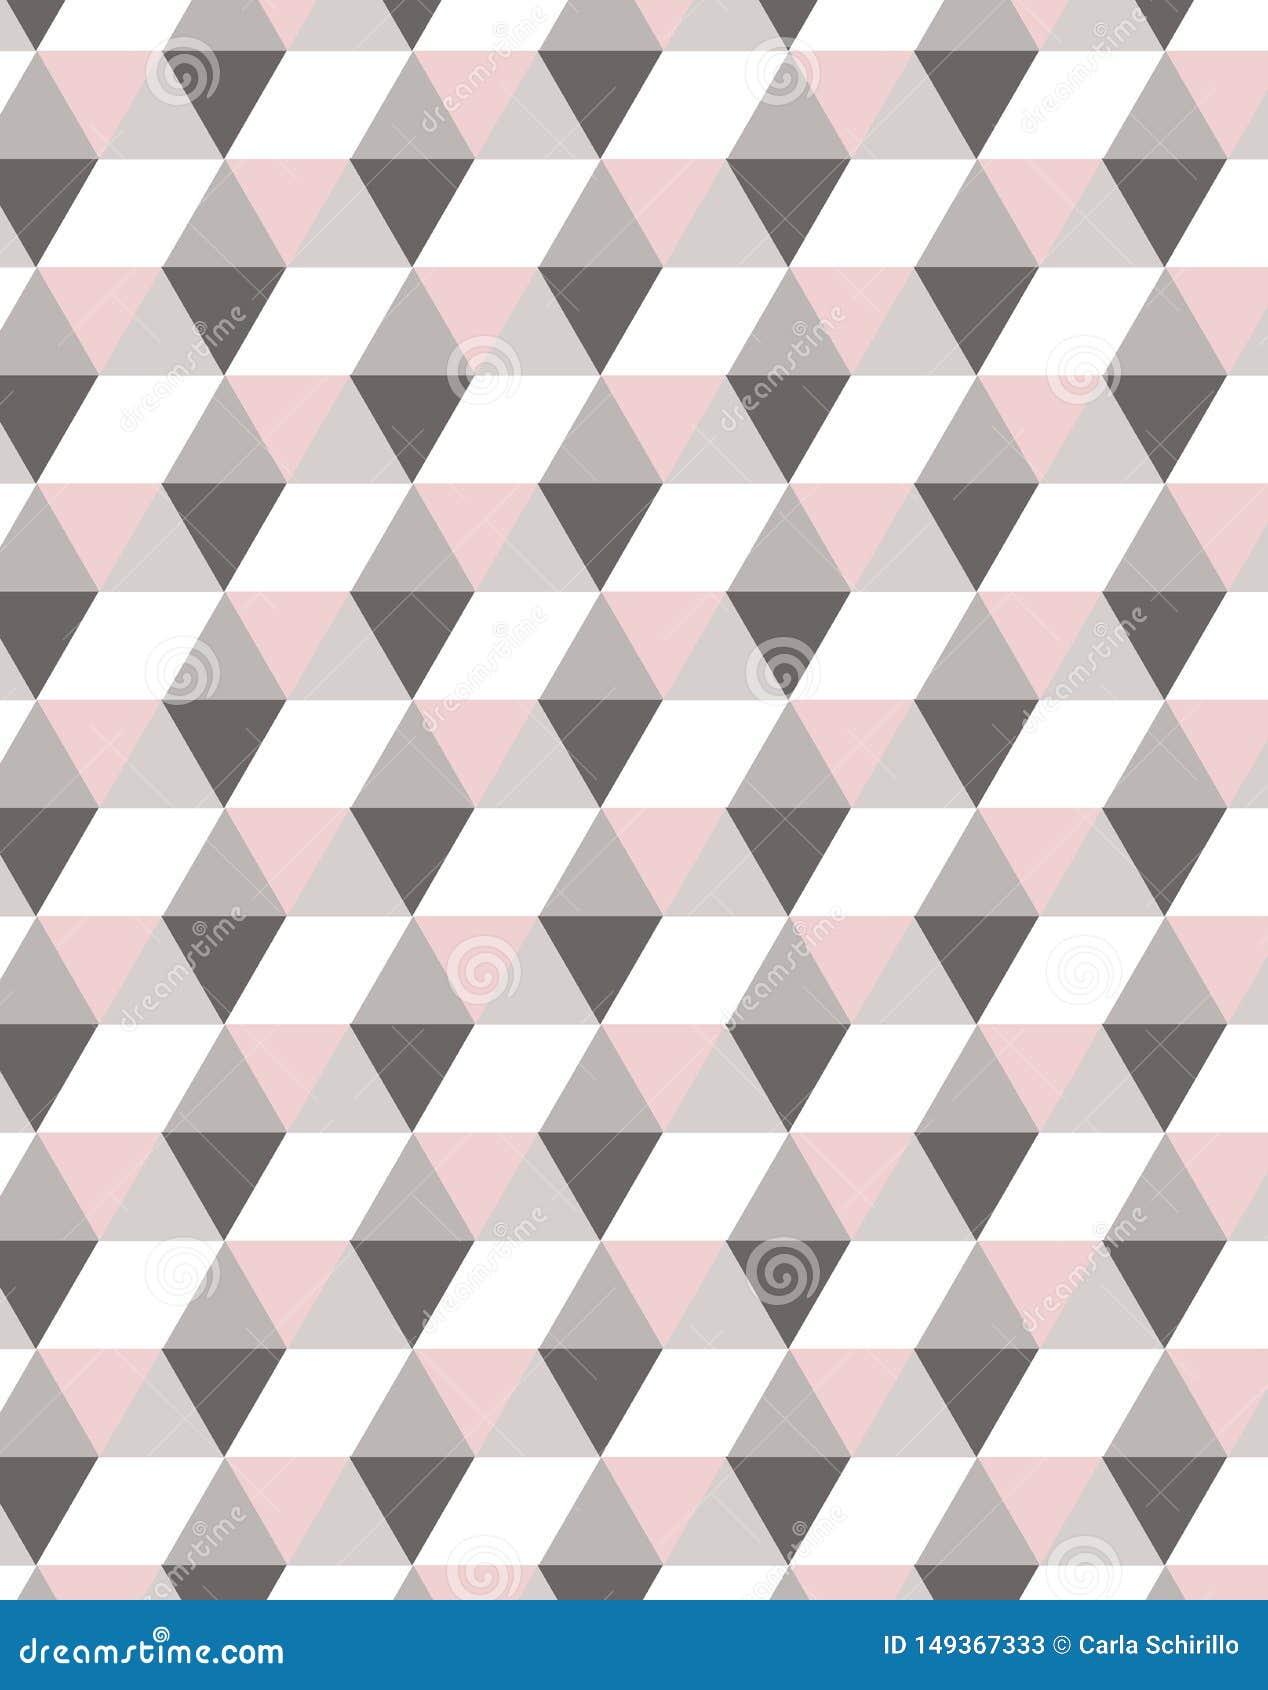 Den minsta geometriska semless modellen i pastellf?rgade rosa signaler som ?r ideala f?r textil, nedl?ta sig